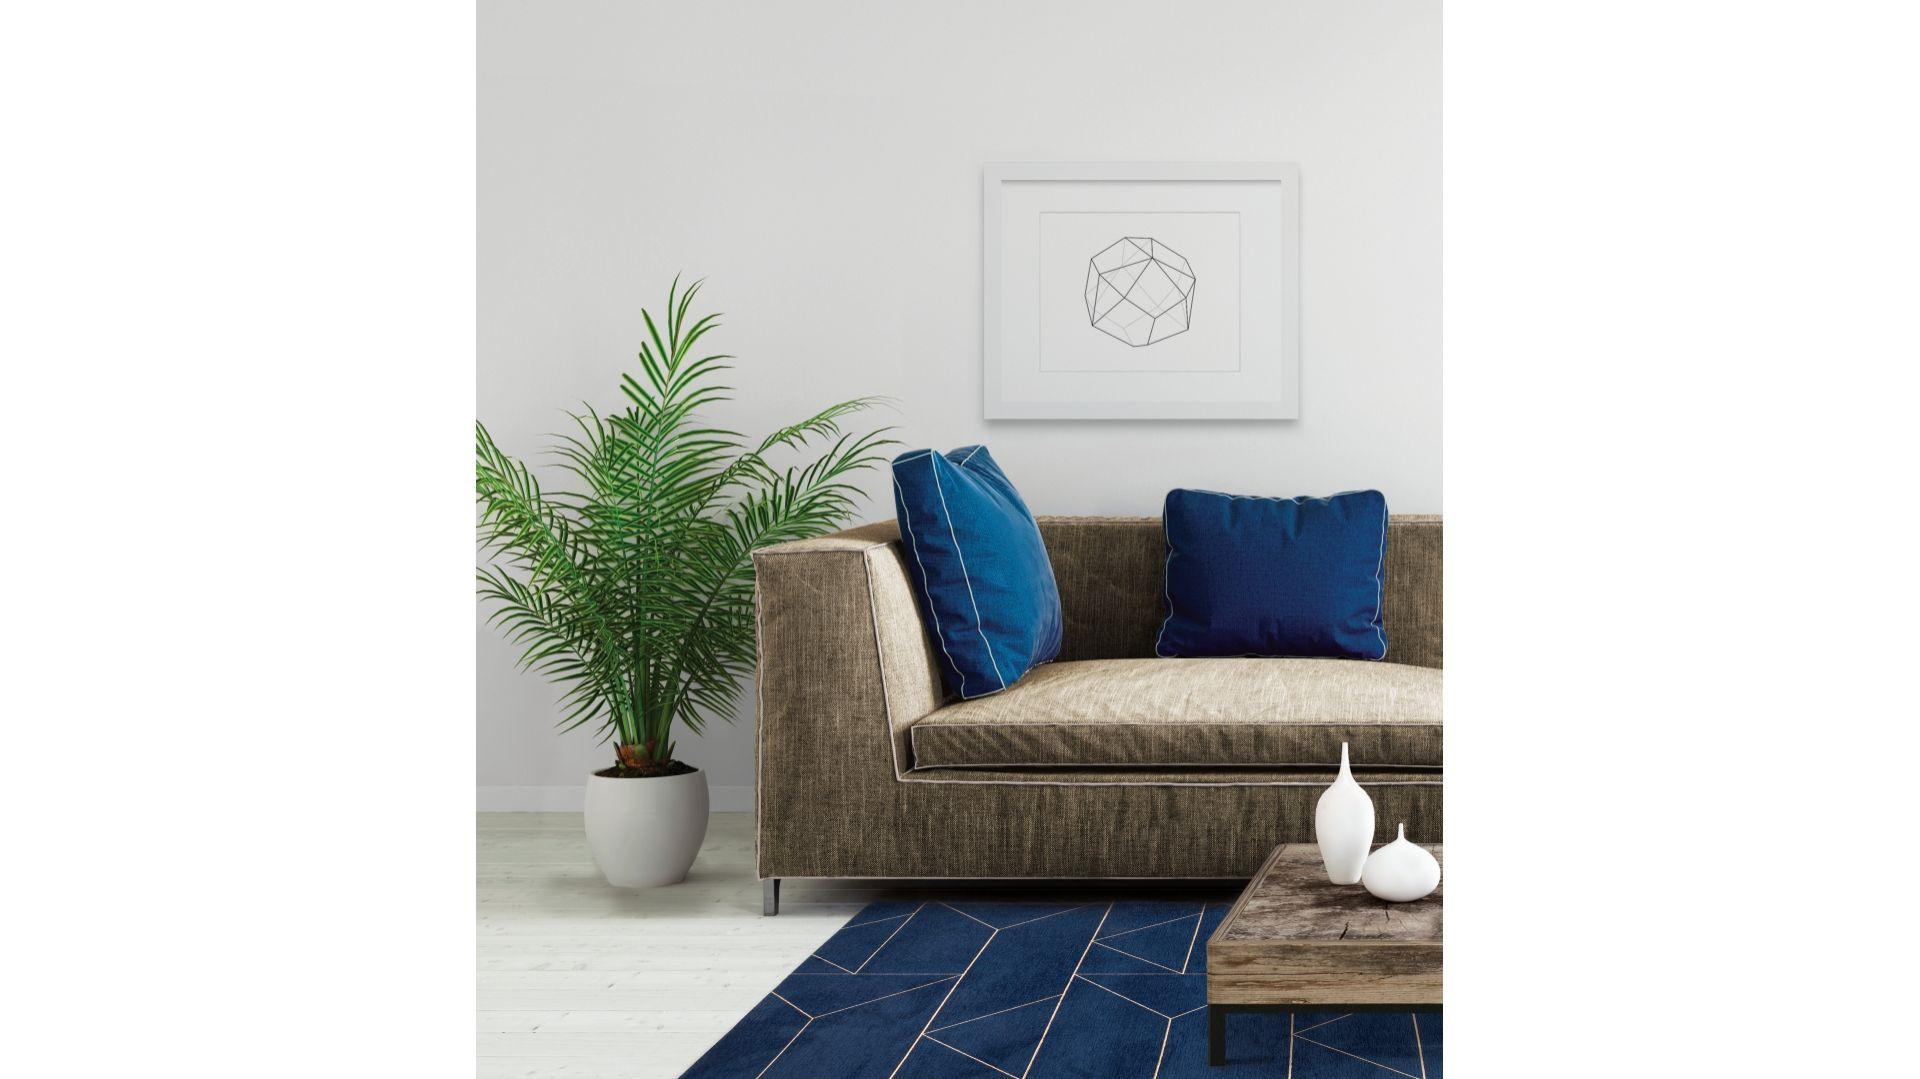 Marlin Indigo - dywan łatwoczyszczący by Carpet Decor/Fargotex. Produkt zgłoszony do konkursu Dobry Design 2019.